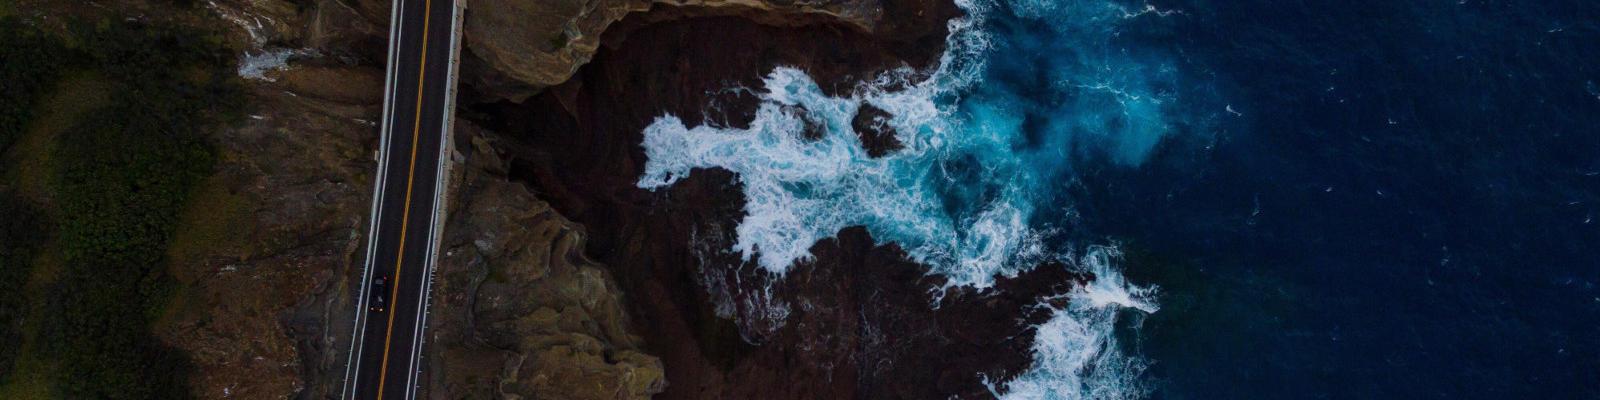 road along volcanic coastline hawaii